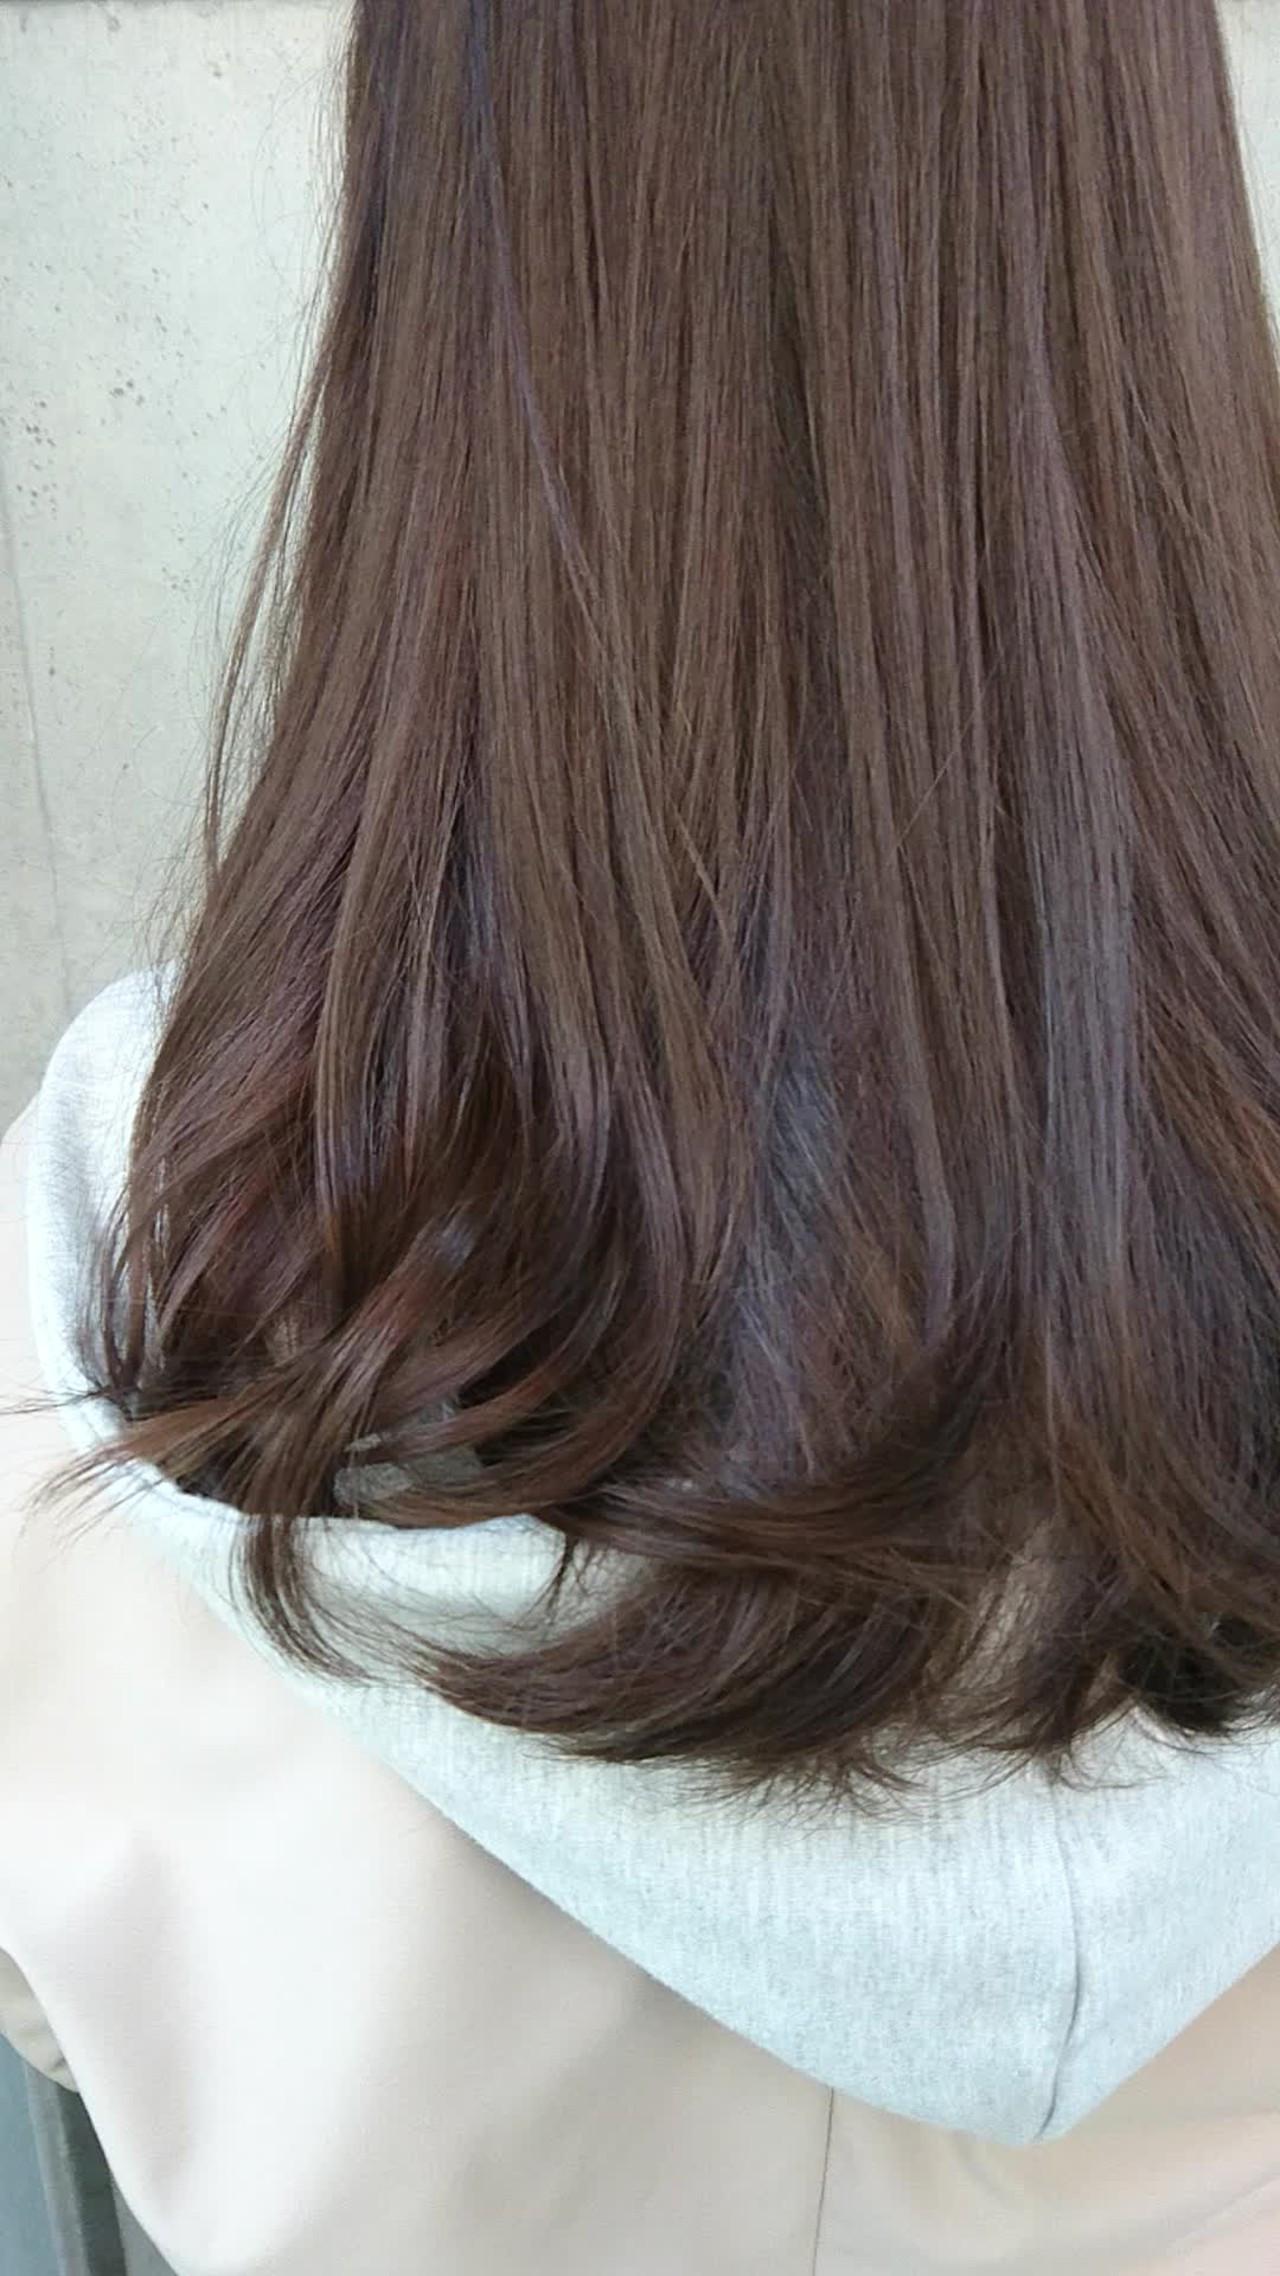 アッシュグレー髪色を試してみない?人気の最旬カラーを徹底特集! 井上 雄輝